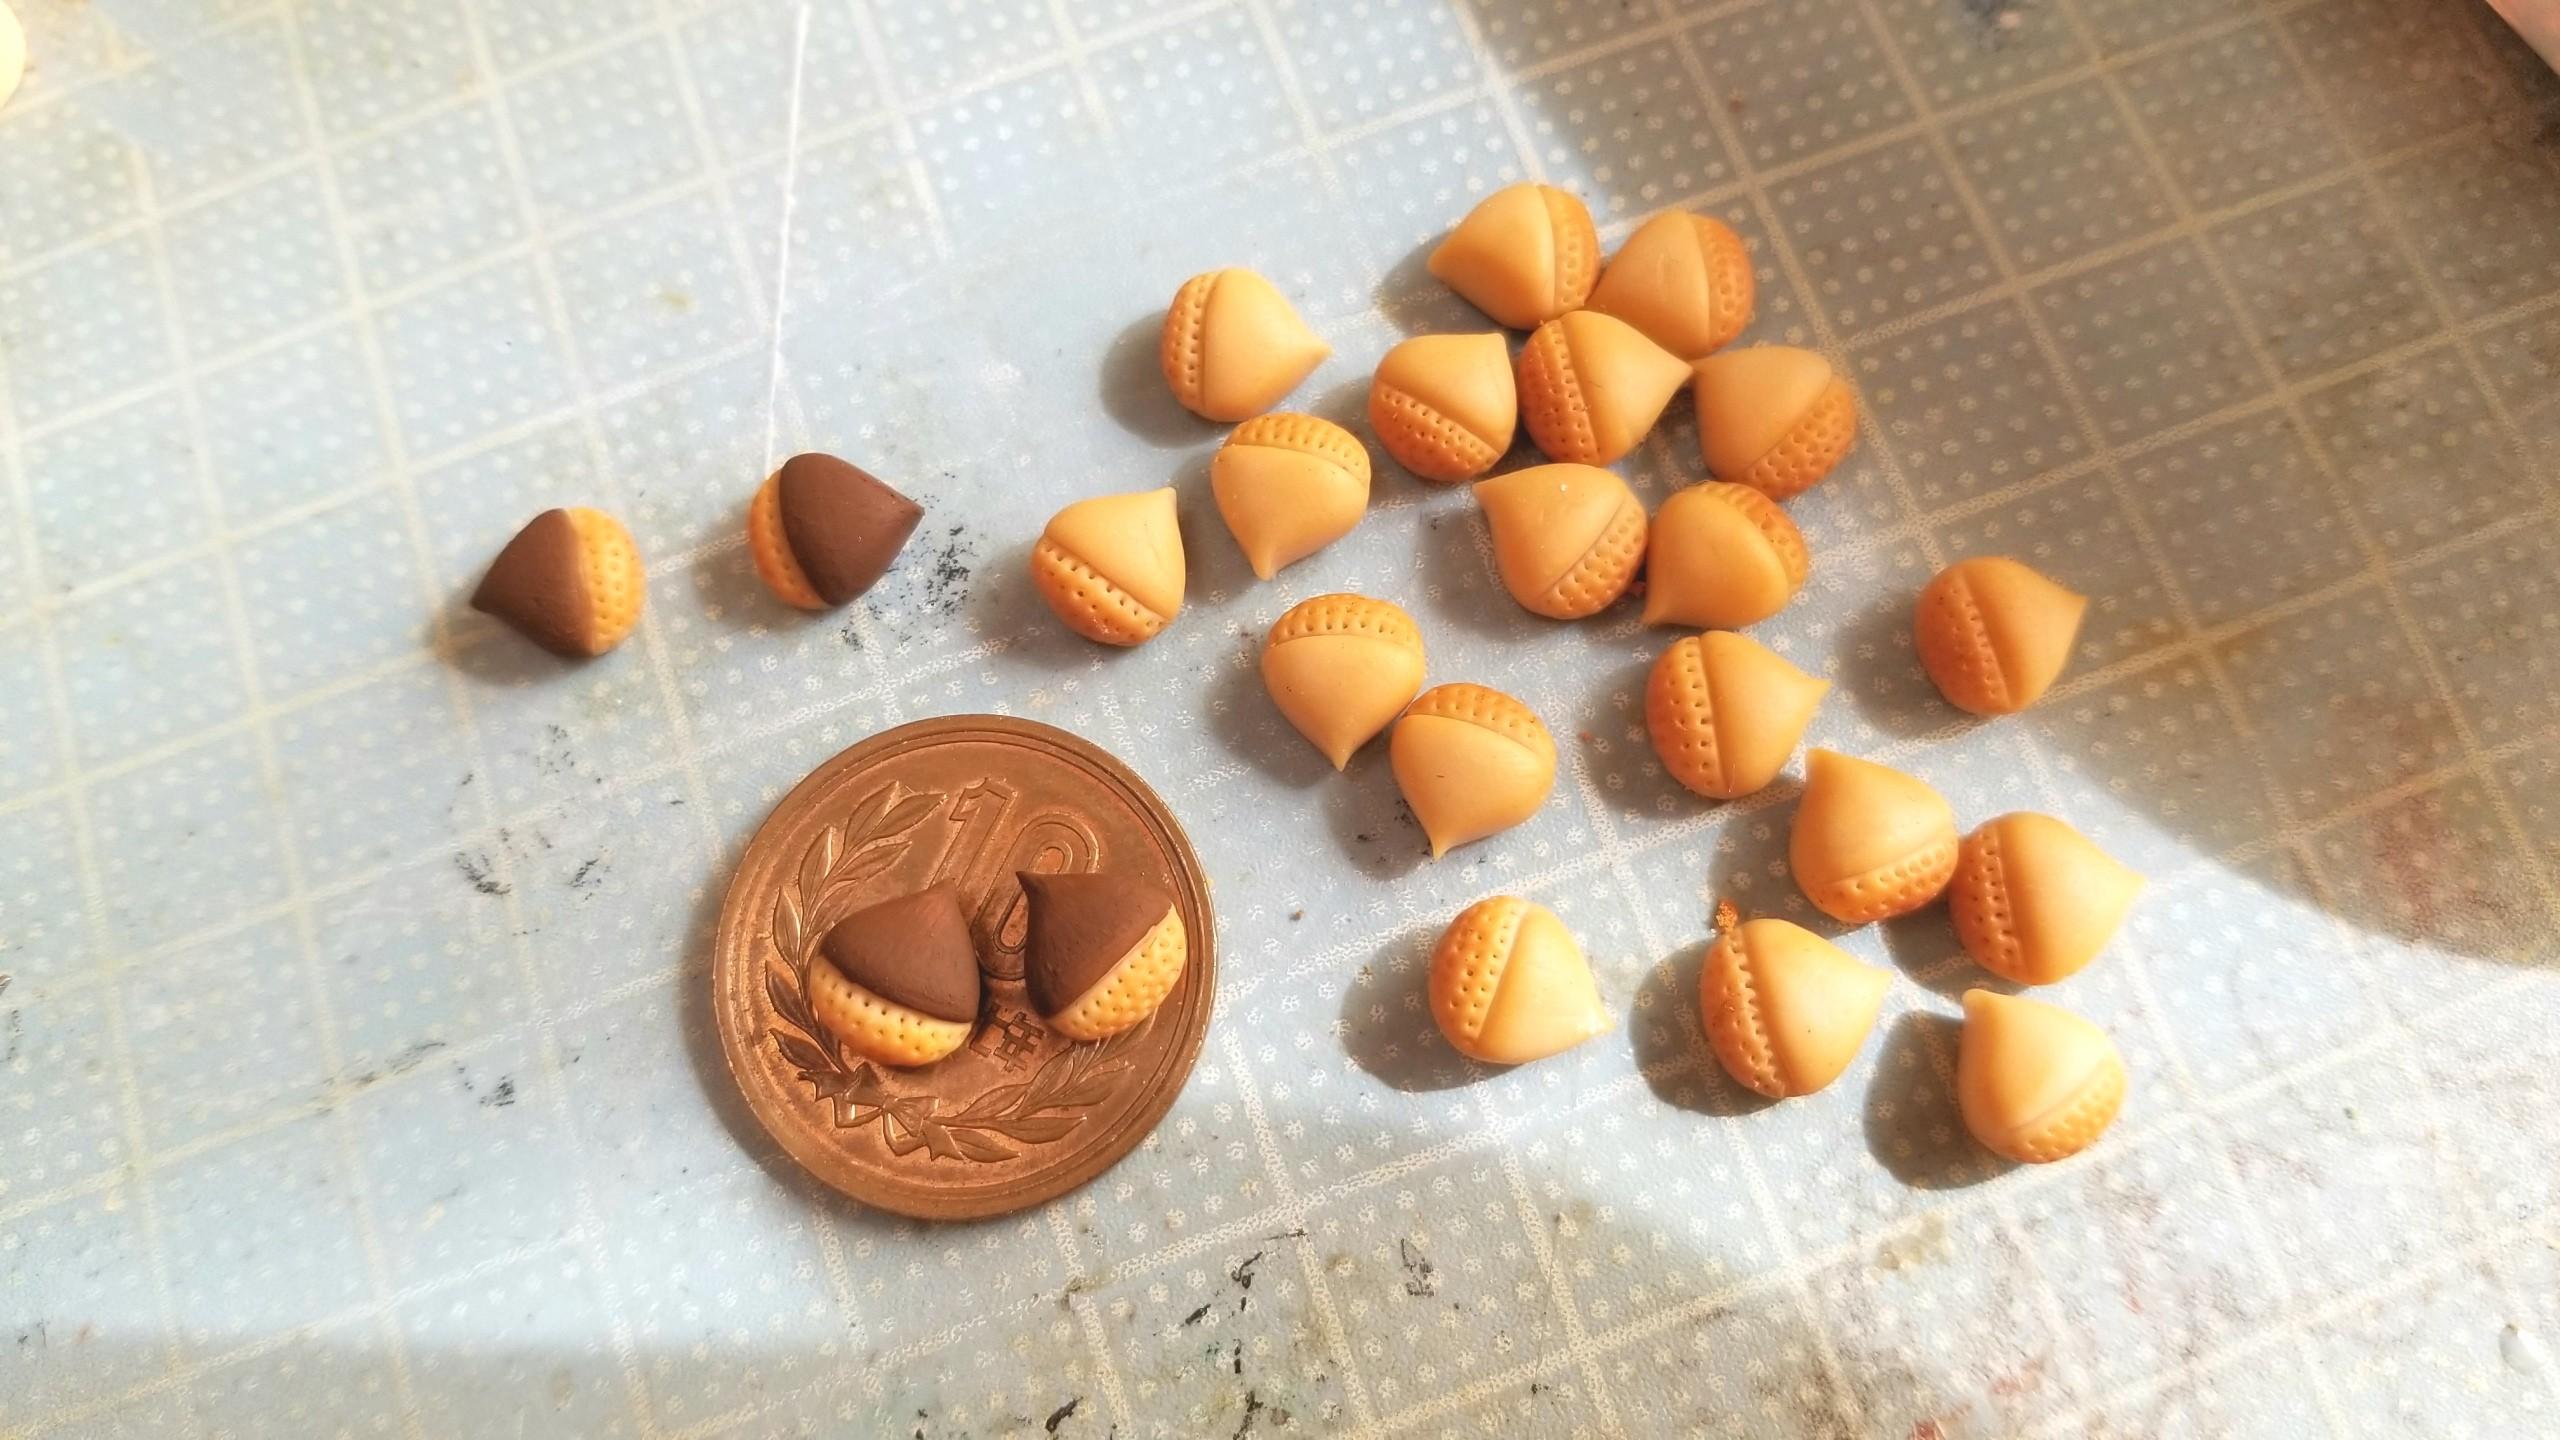 栗まんじゅう,和菓子,作り方,ミニチュア,樹脂粘土,ハンドメイド